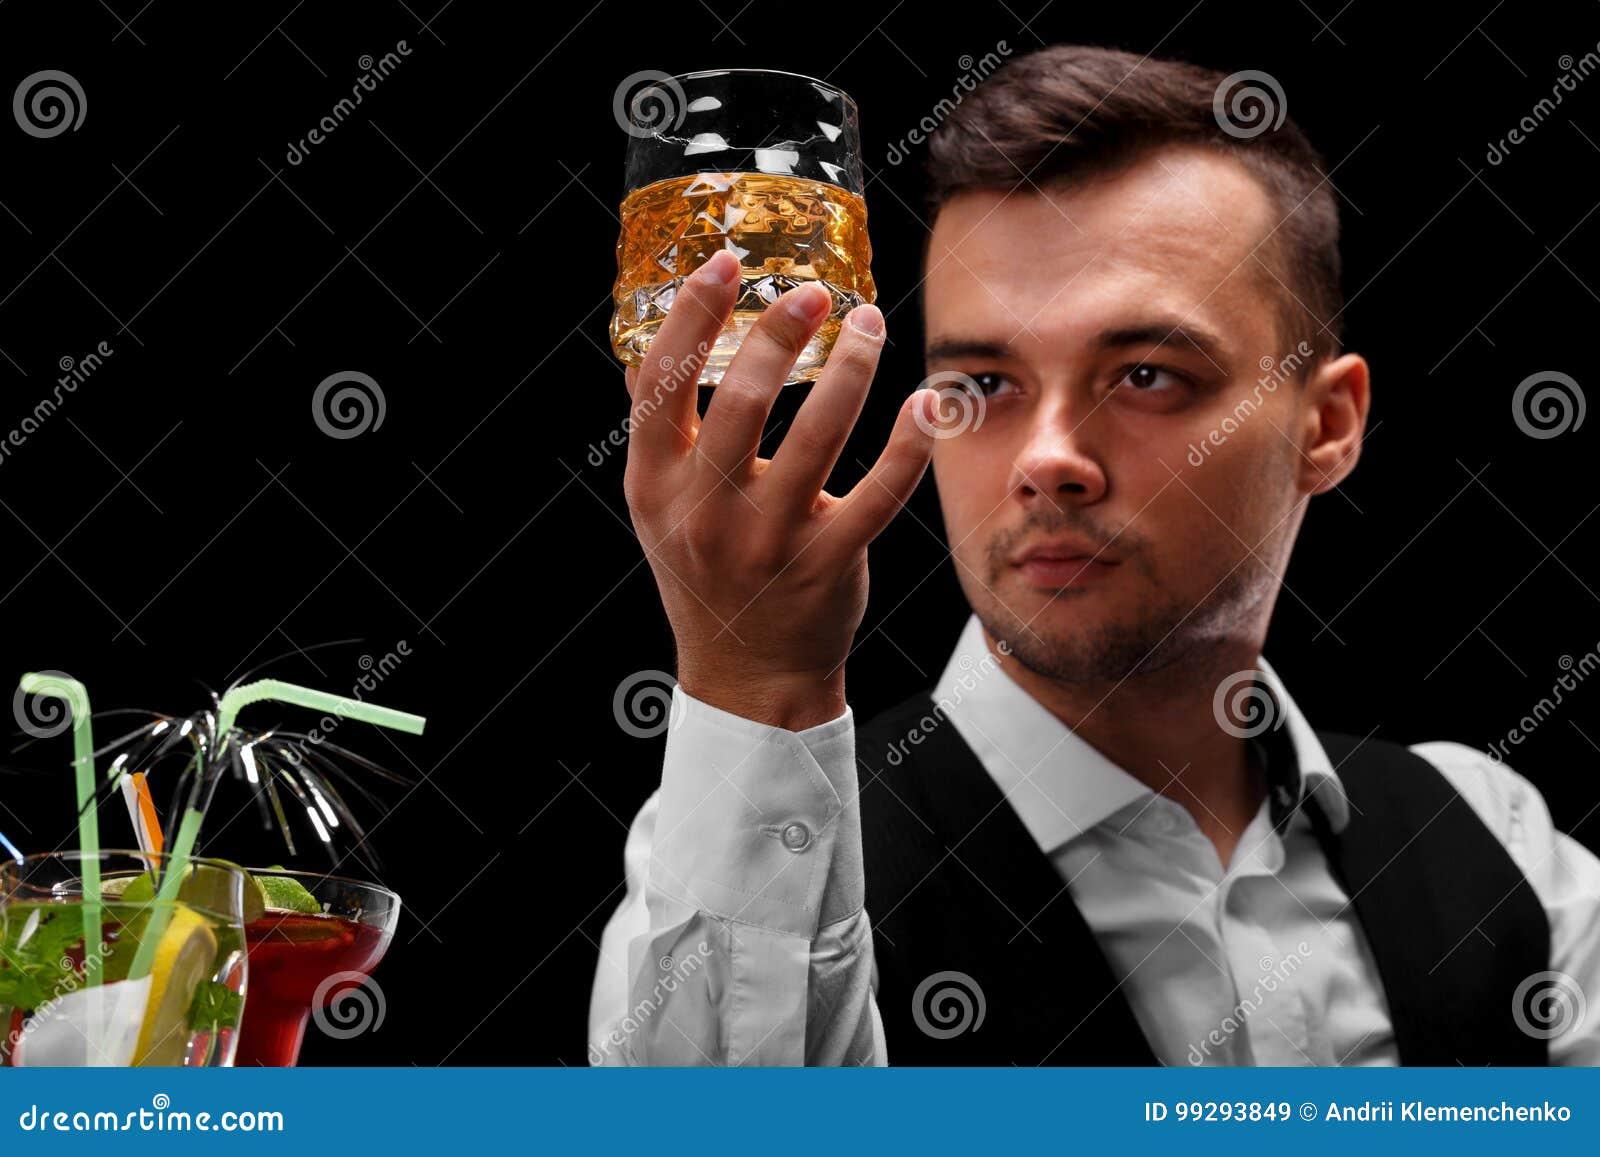 一位可爱的侍酒者拿着一杯威士忌酒,在一个酒吧柜台的玛格丽塔酒玻璃在黑背景